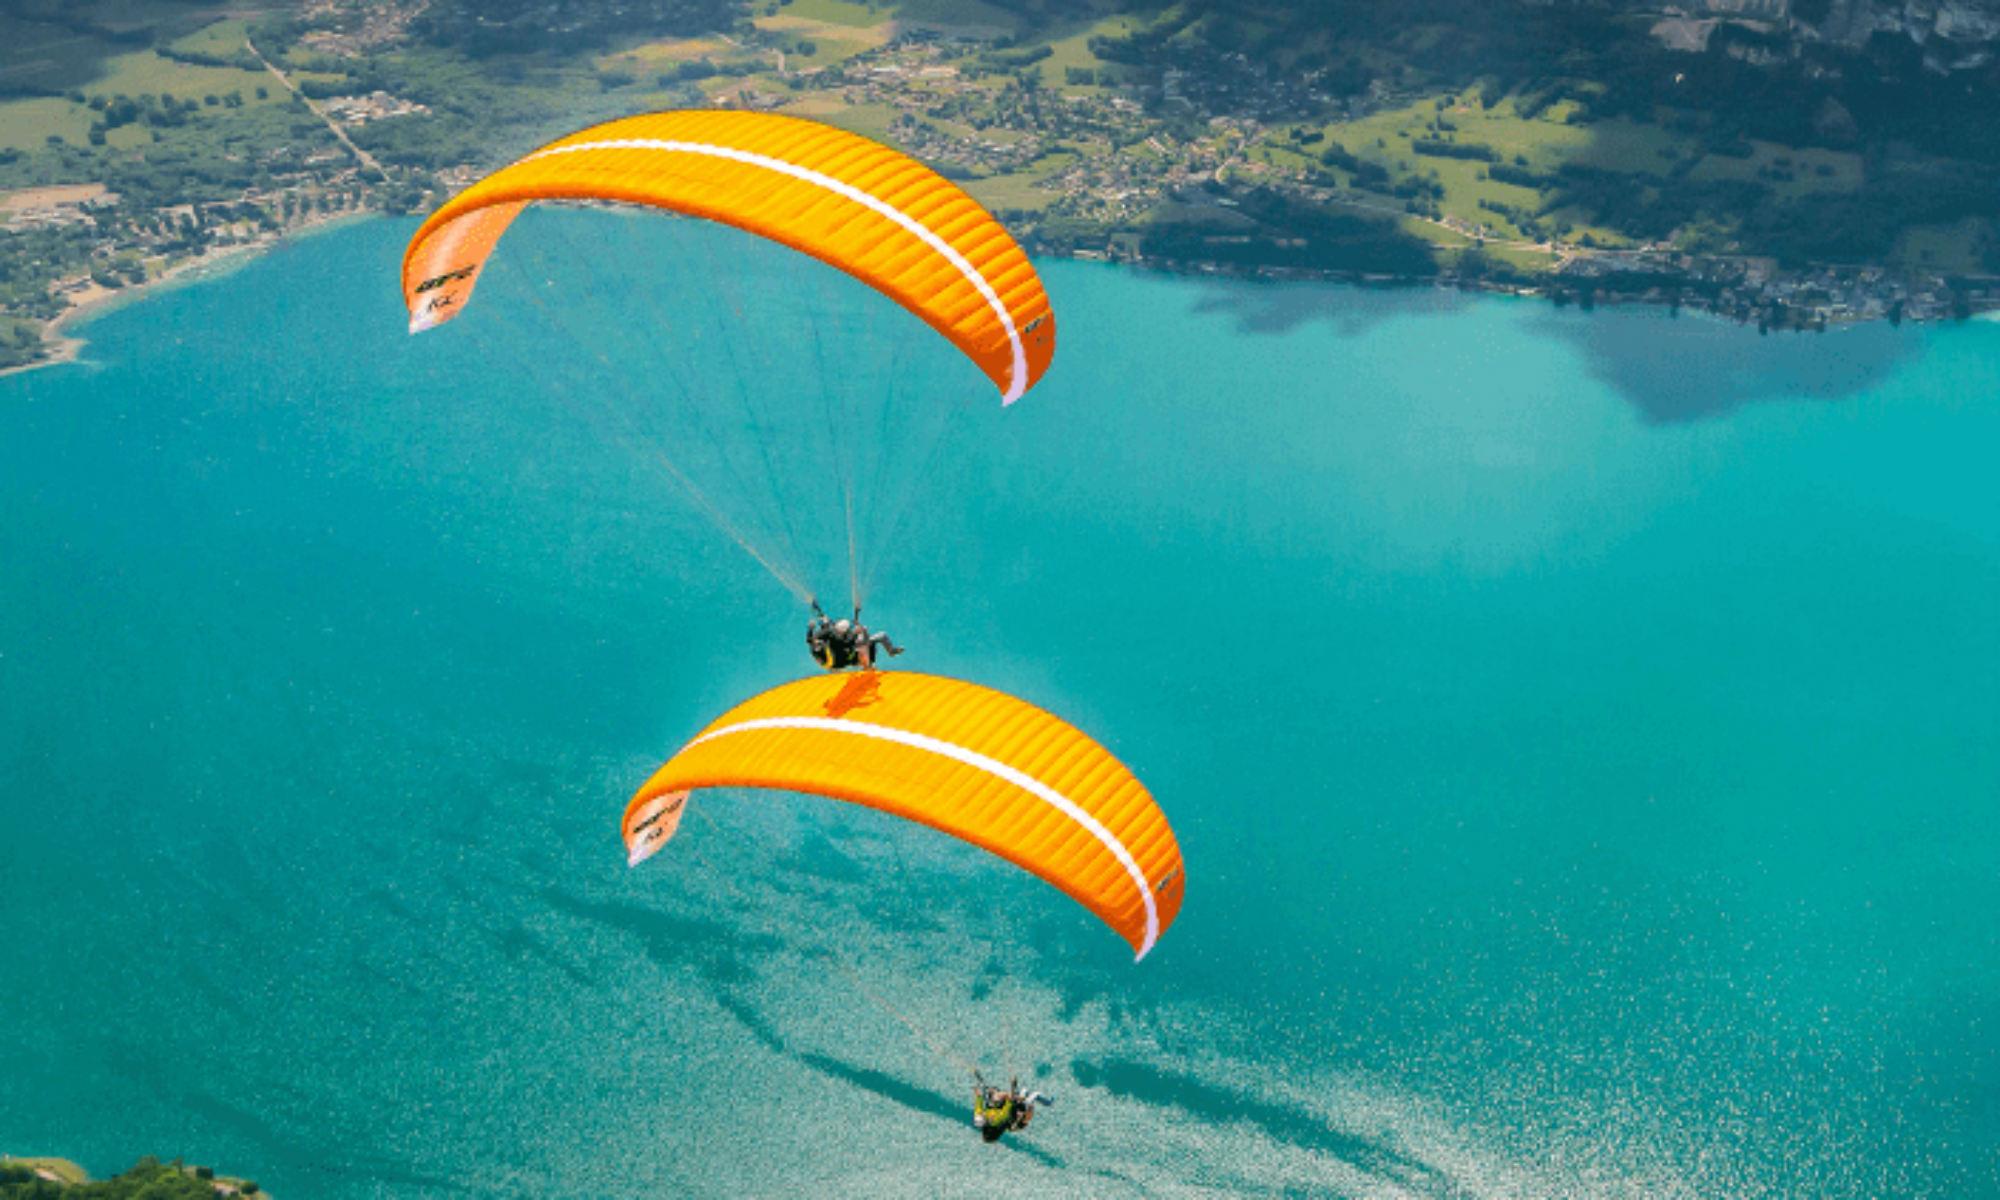 Deux parapentes orange survolent le lac d'Annecy bleu turquoise.